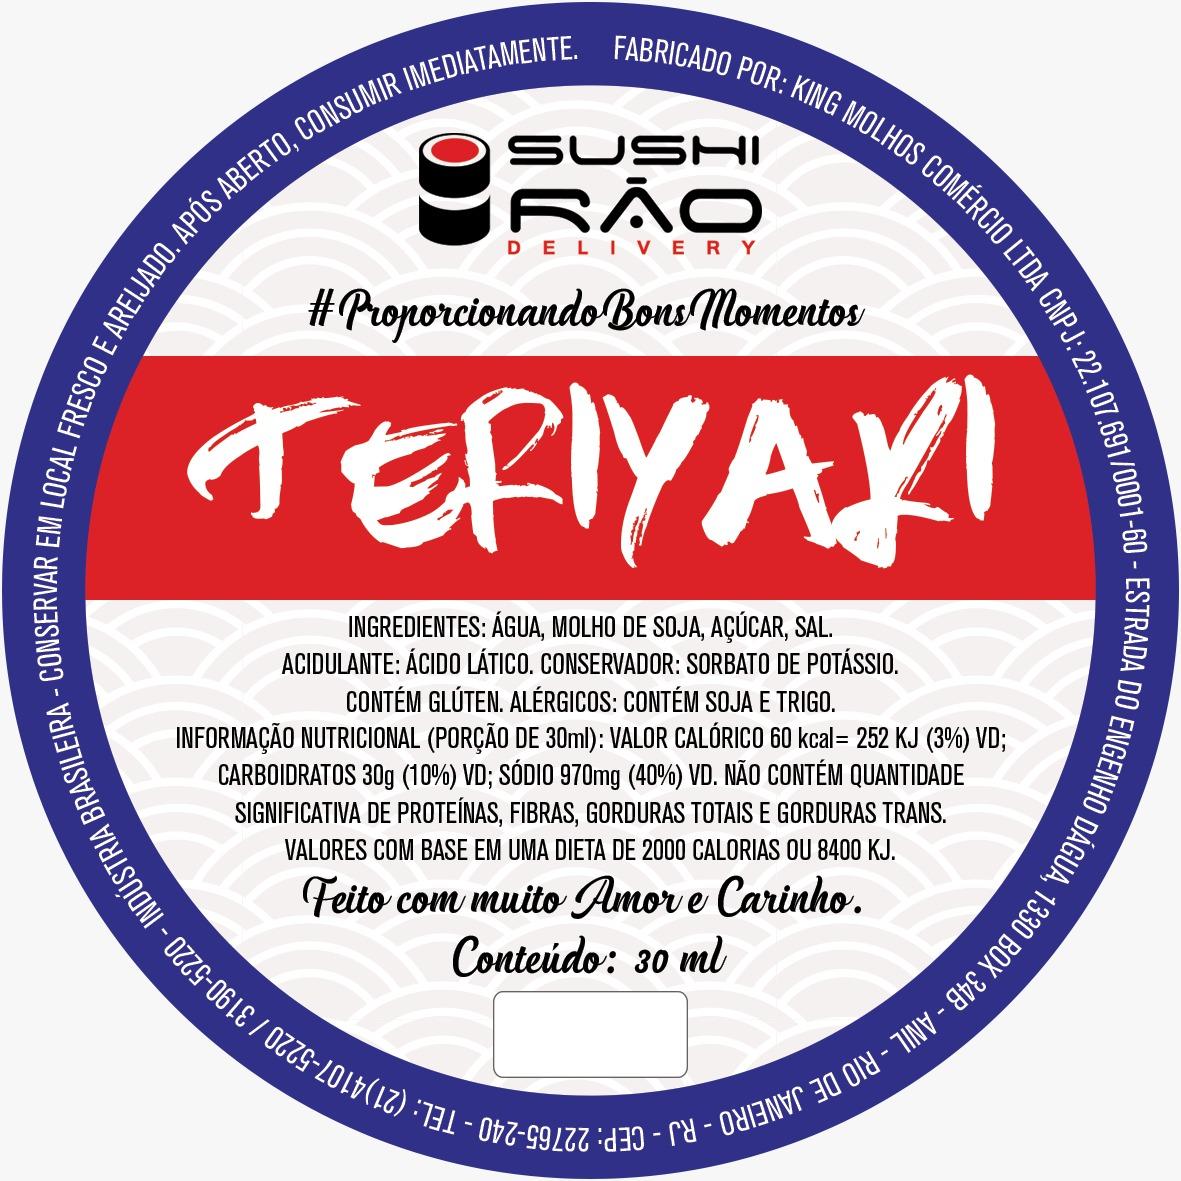 Teriyaki - Sushi Rão, o Maior Delivery de Sushi do Rio e do Brasil